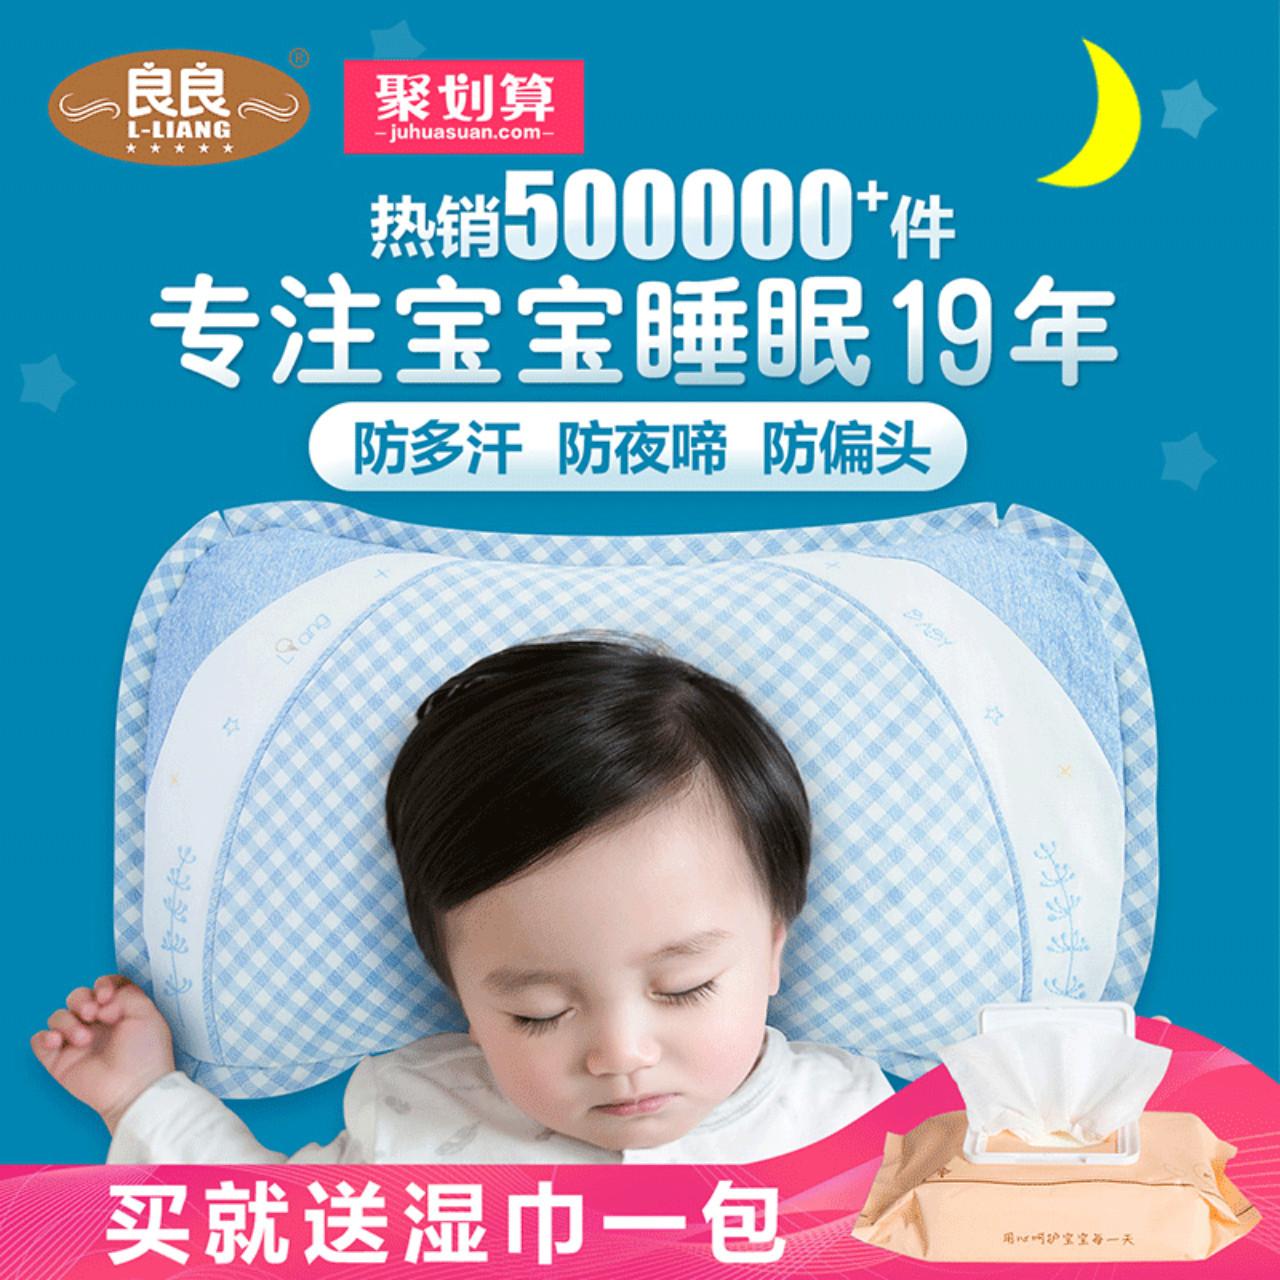 Подушка Liangliang на младенца Подушка 0-1-5 лет против пота на младенца Детская подушка детские Подушка безопасности подушки